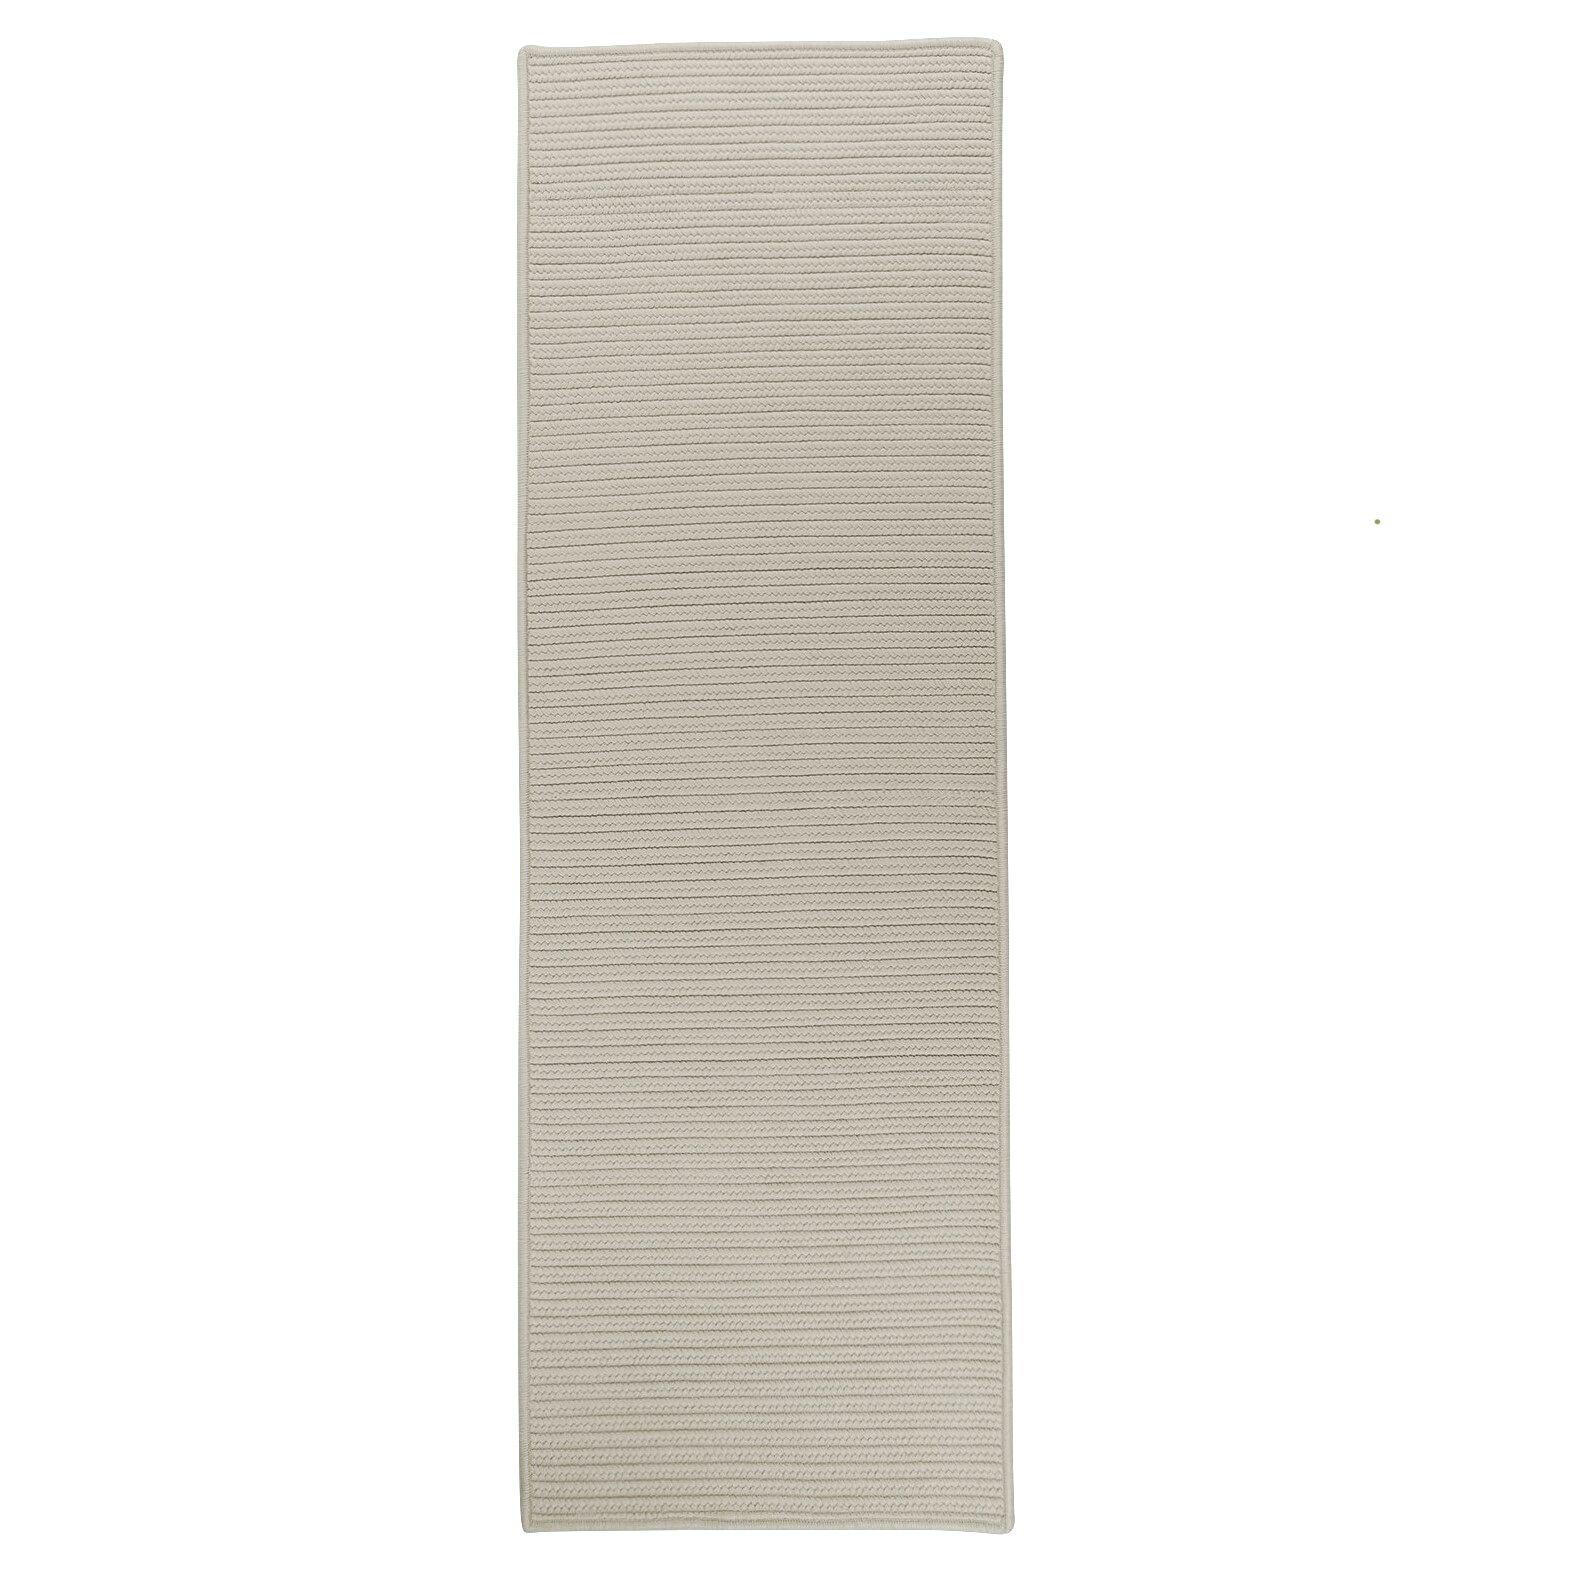 Marisa Reversible Hand-Braided Beige Indoor/Outdoor Area Rug Rug Size: Runner 2'4